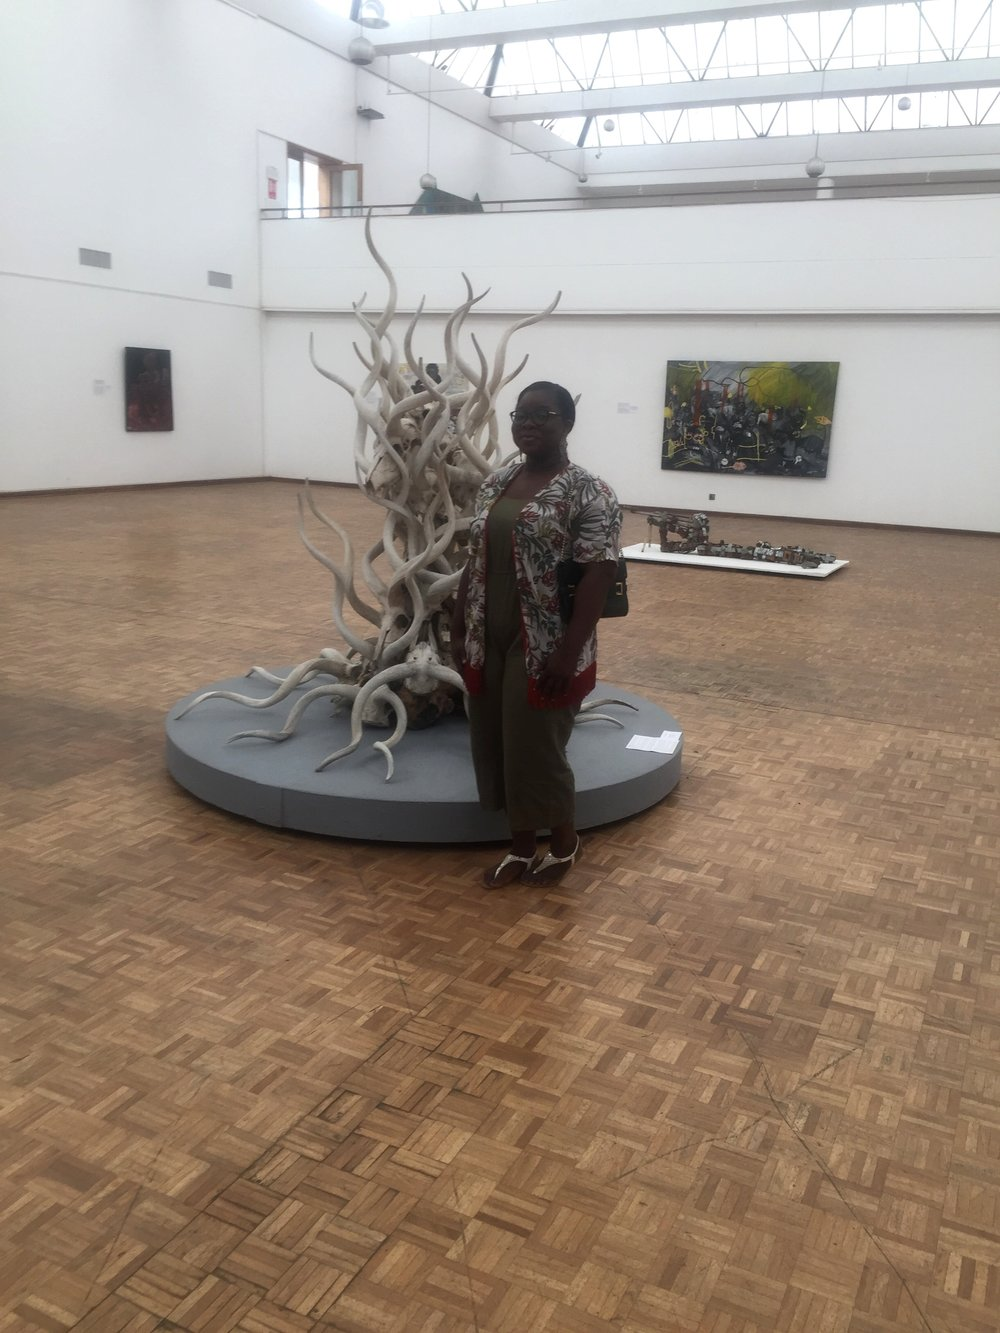 National Gallery of Zimbabwe